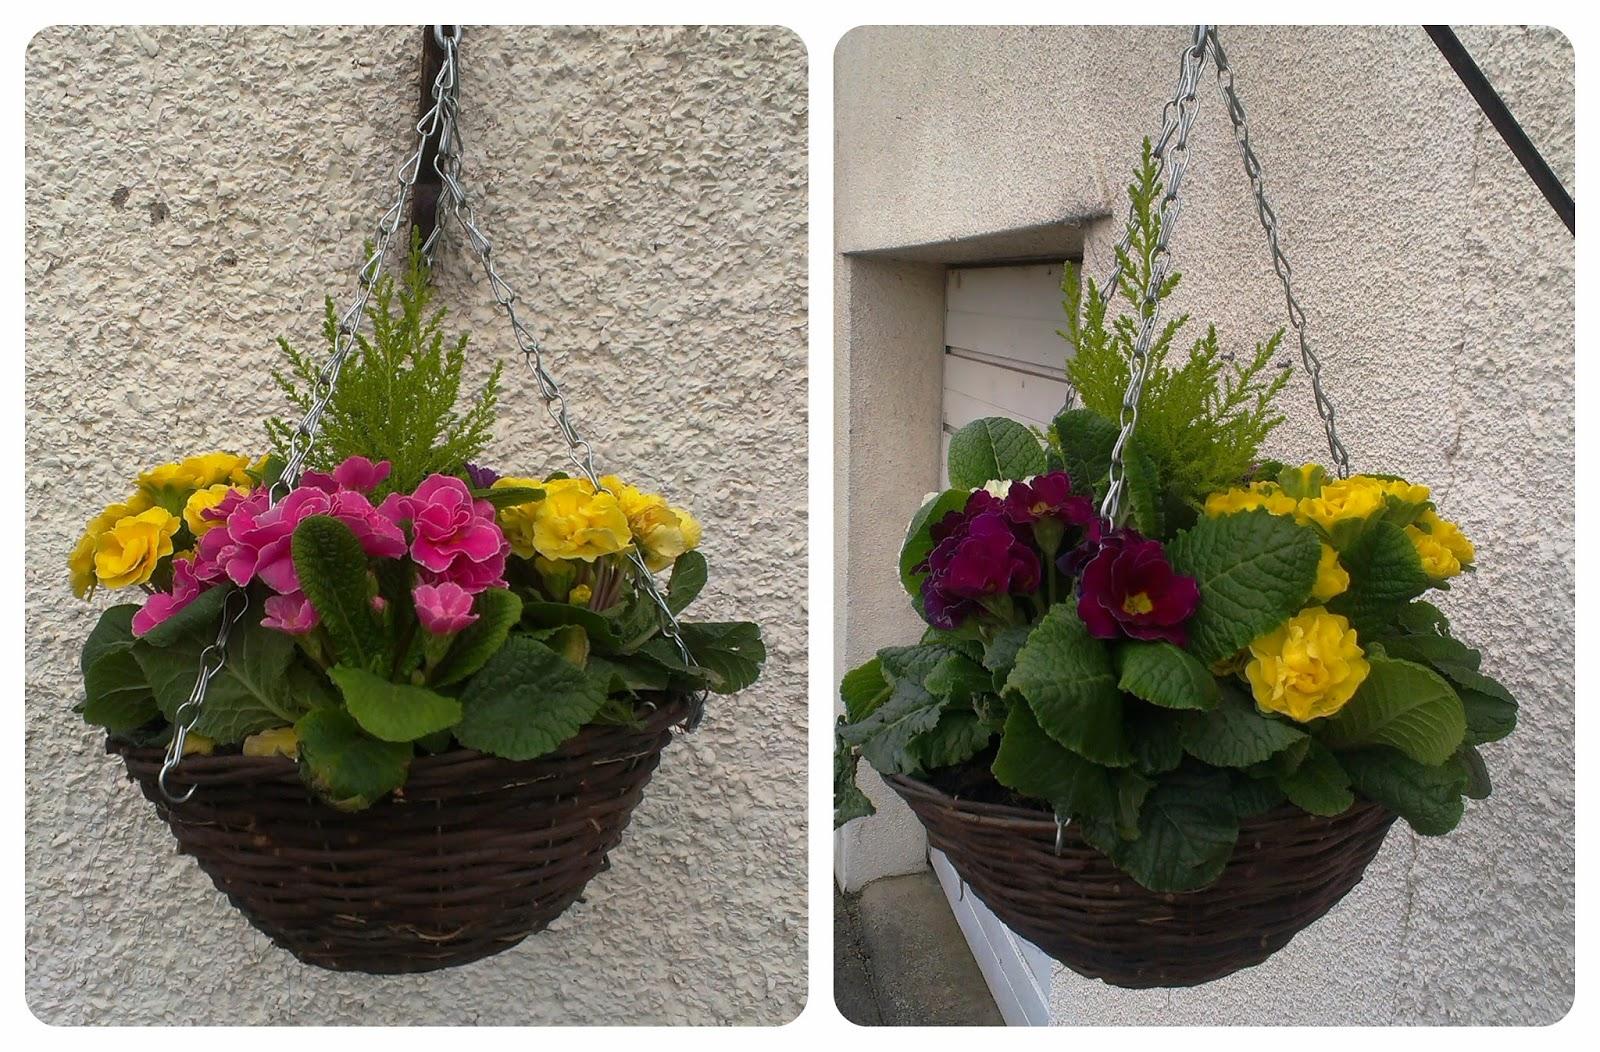 Whitehall Garden Centre Hanging Baskets